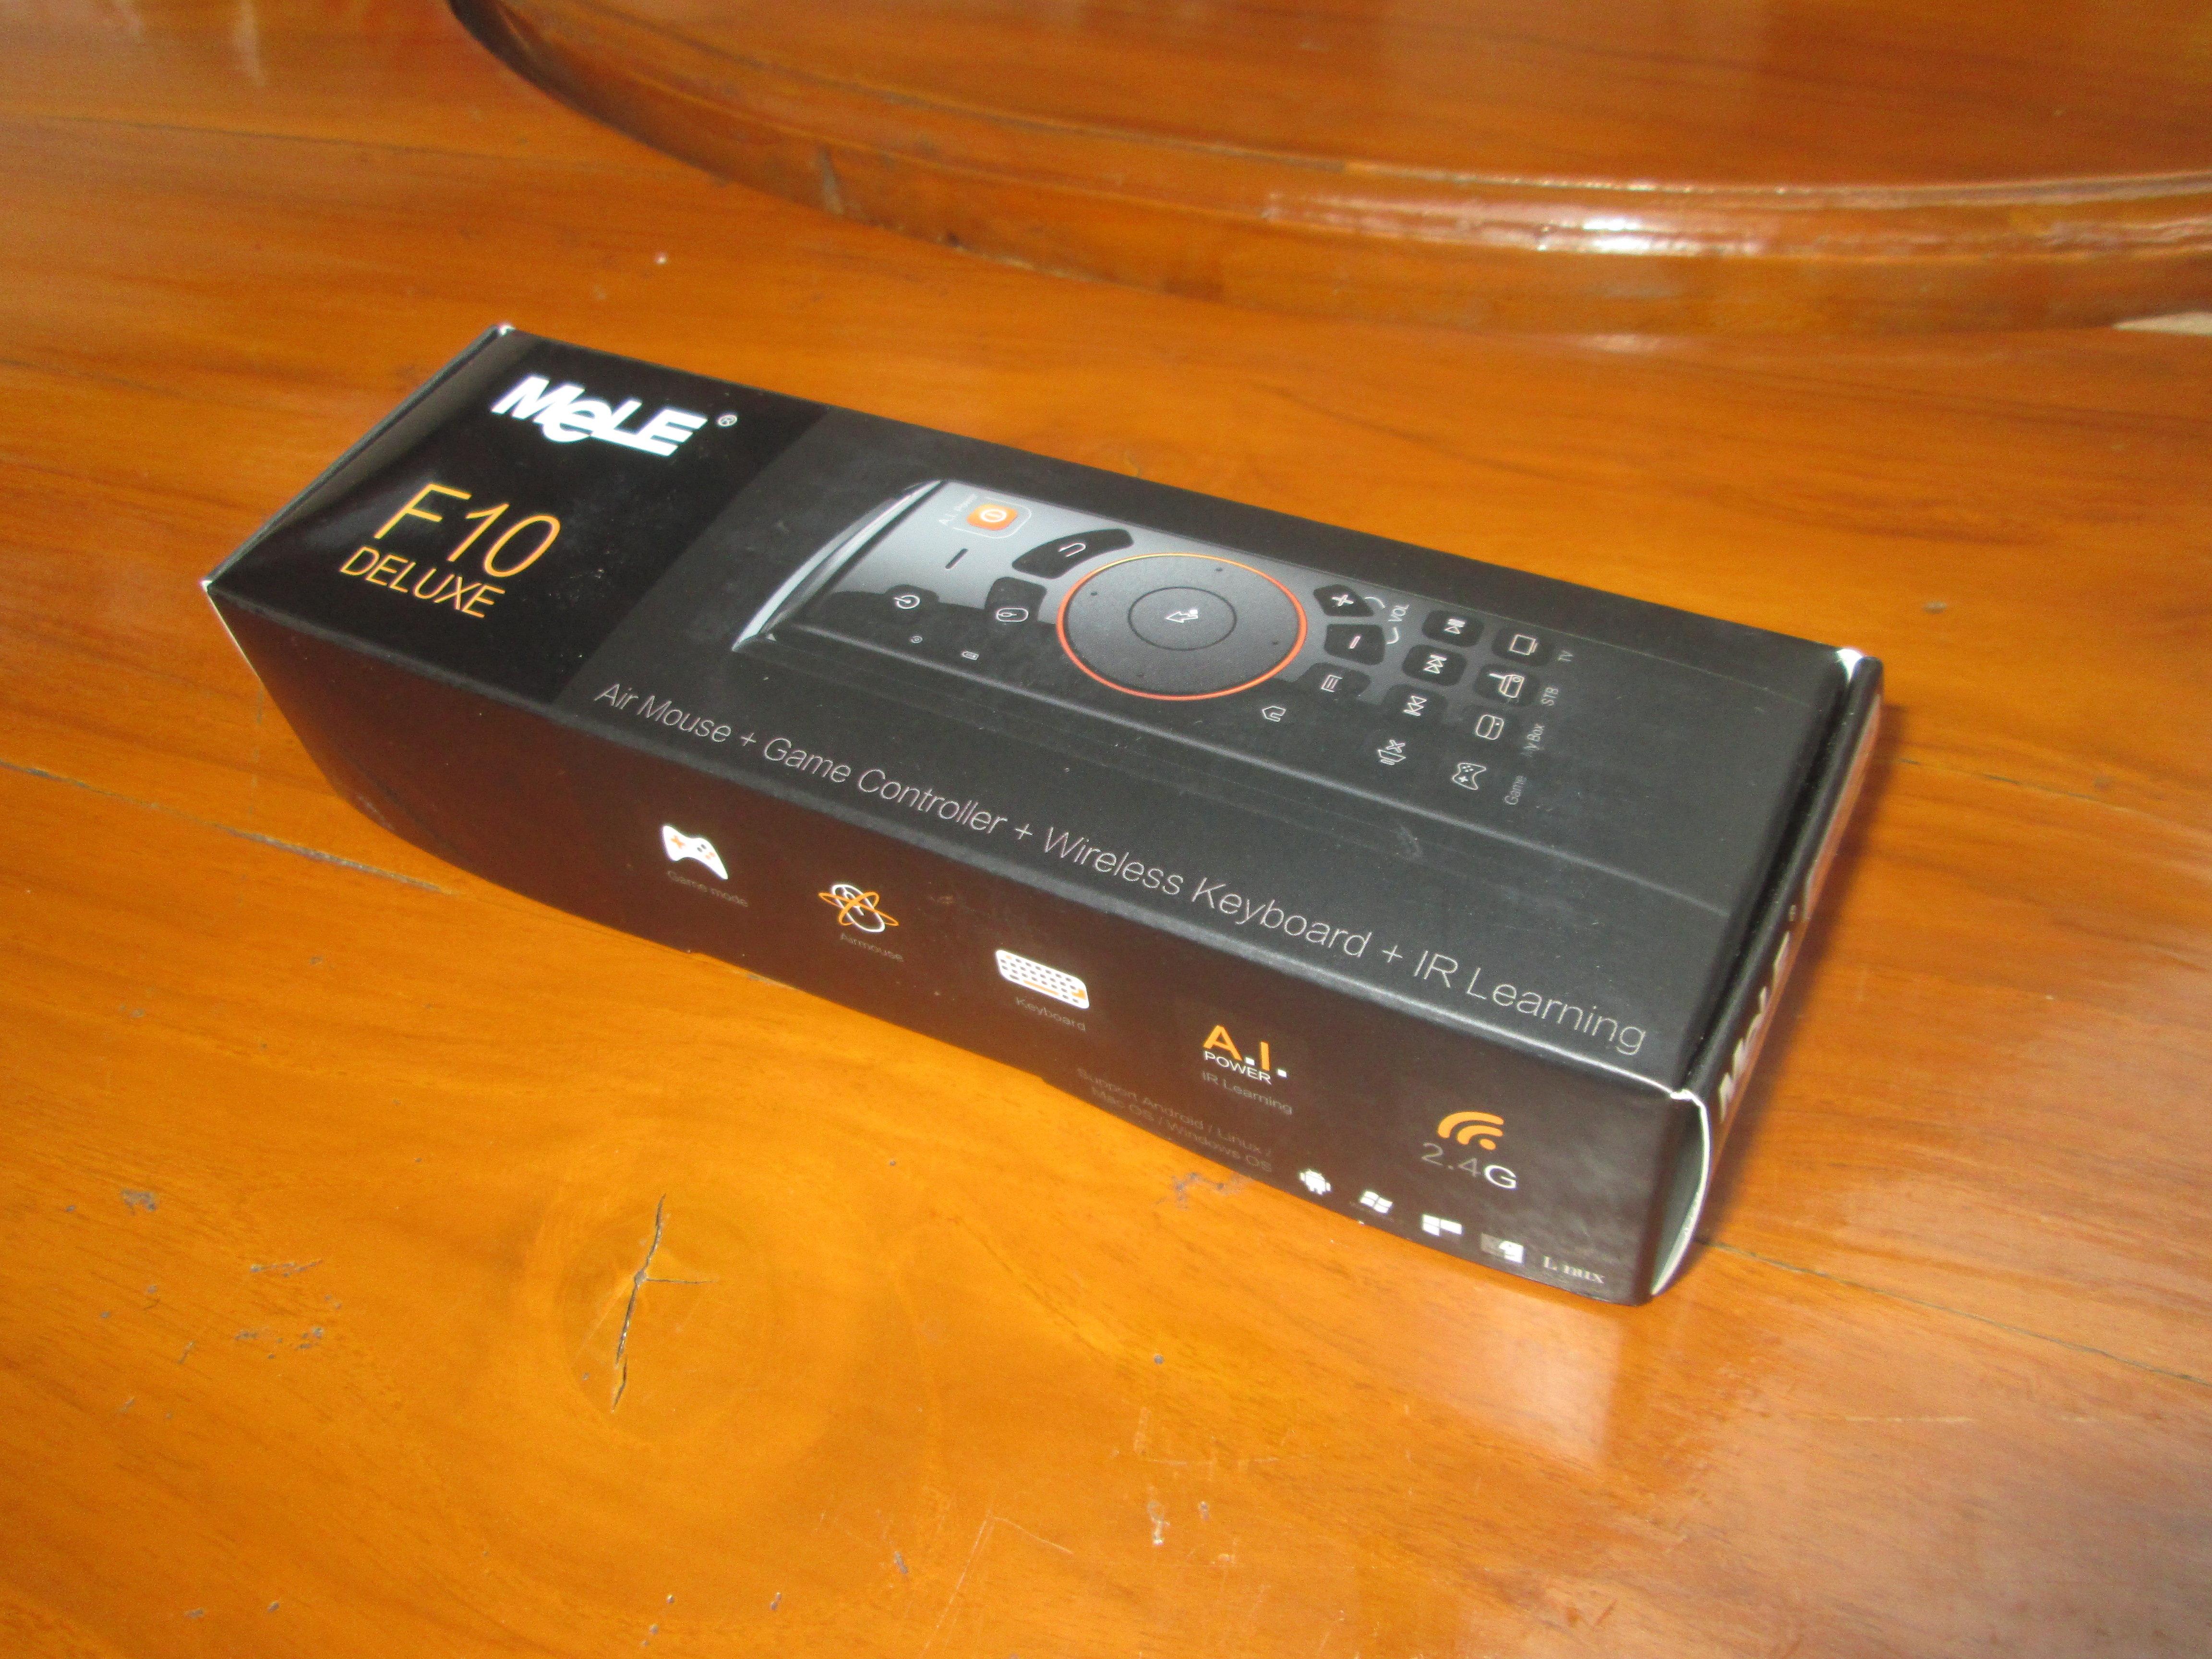 Mele F10 Pro User Manual Pdf